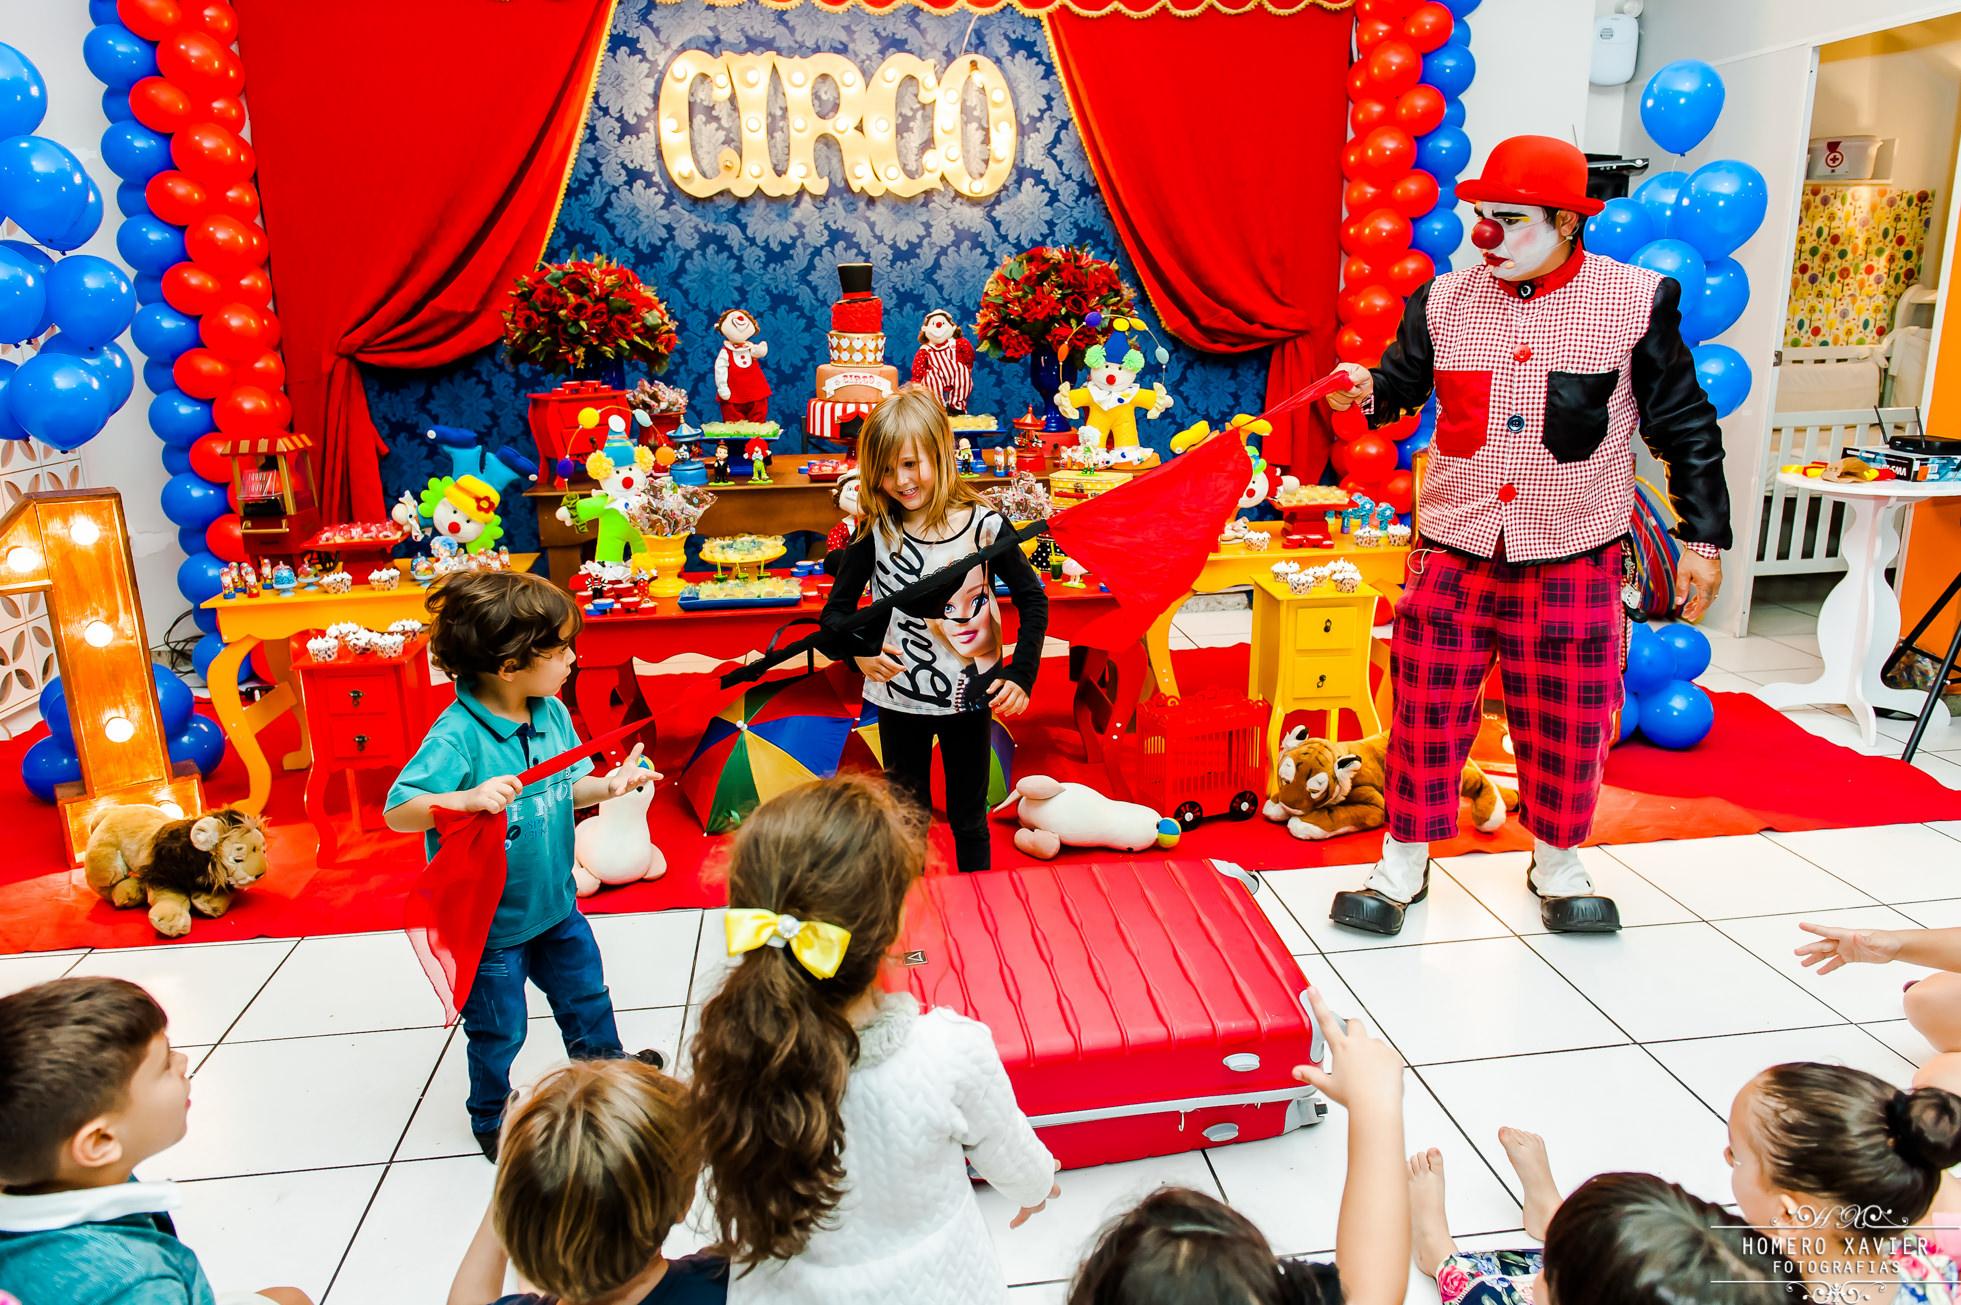 fotografia festa infantil Circo BUFFET Sonho Meu Contagem